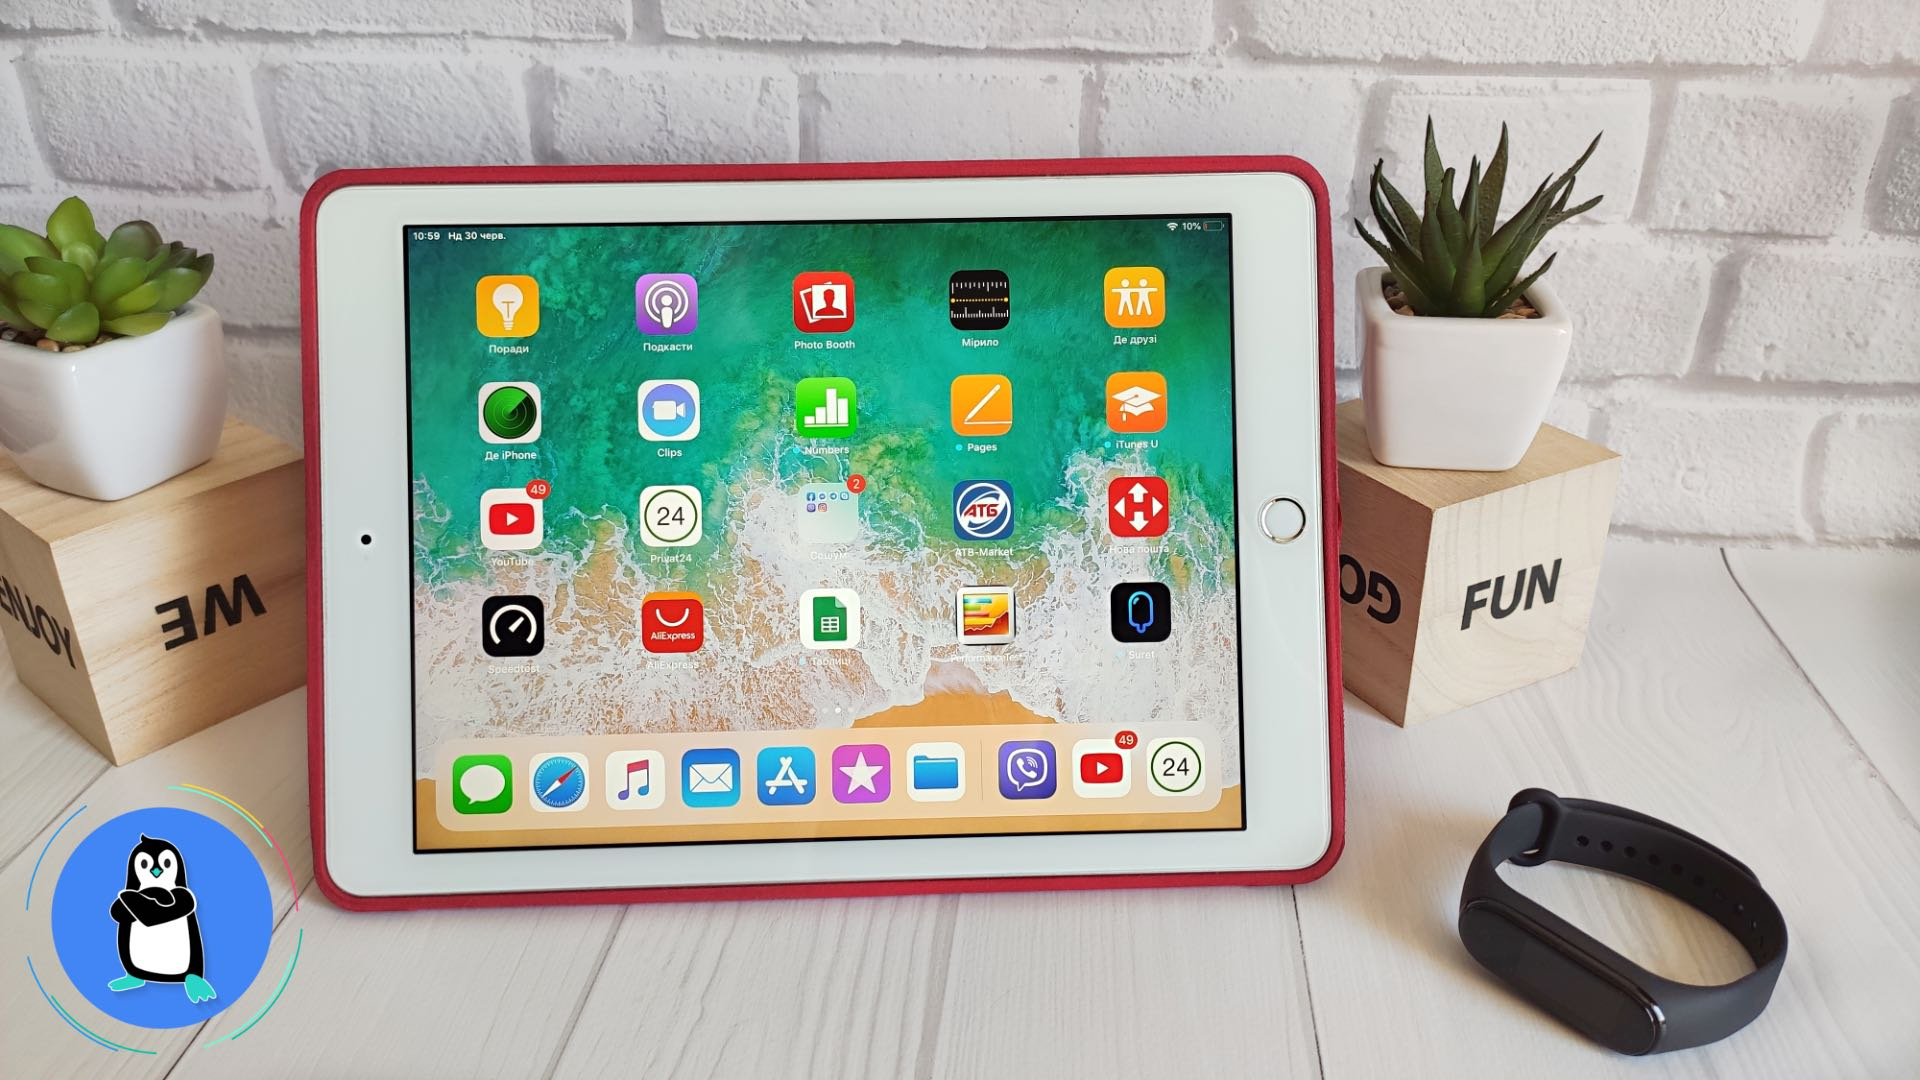 WhatsApp для iPad готовий, але розробники готують дещо краще